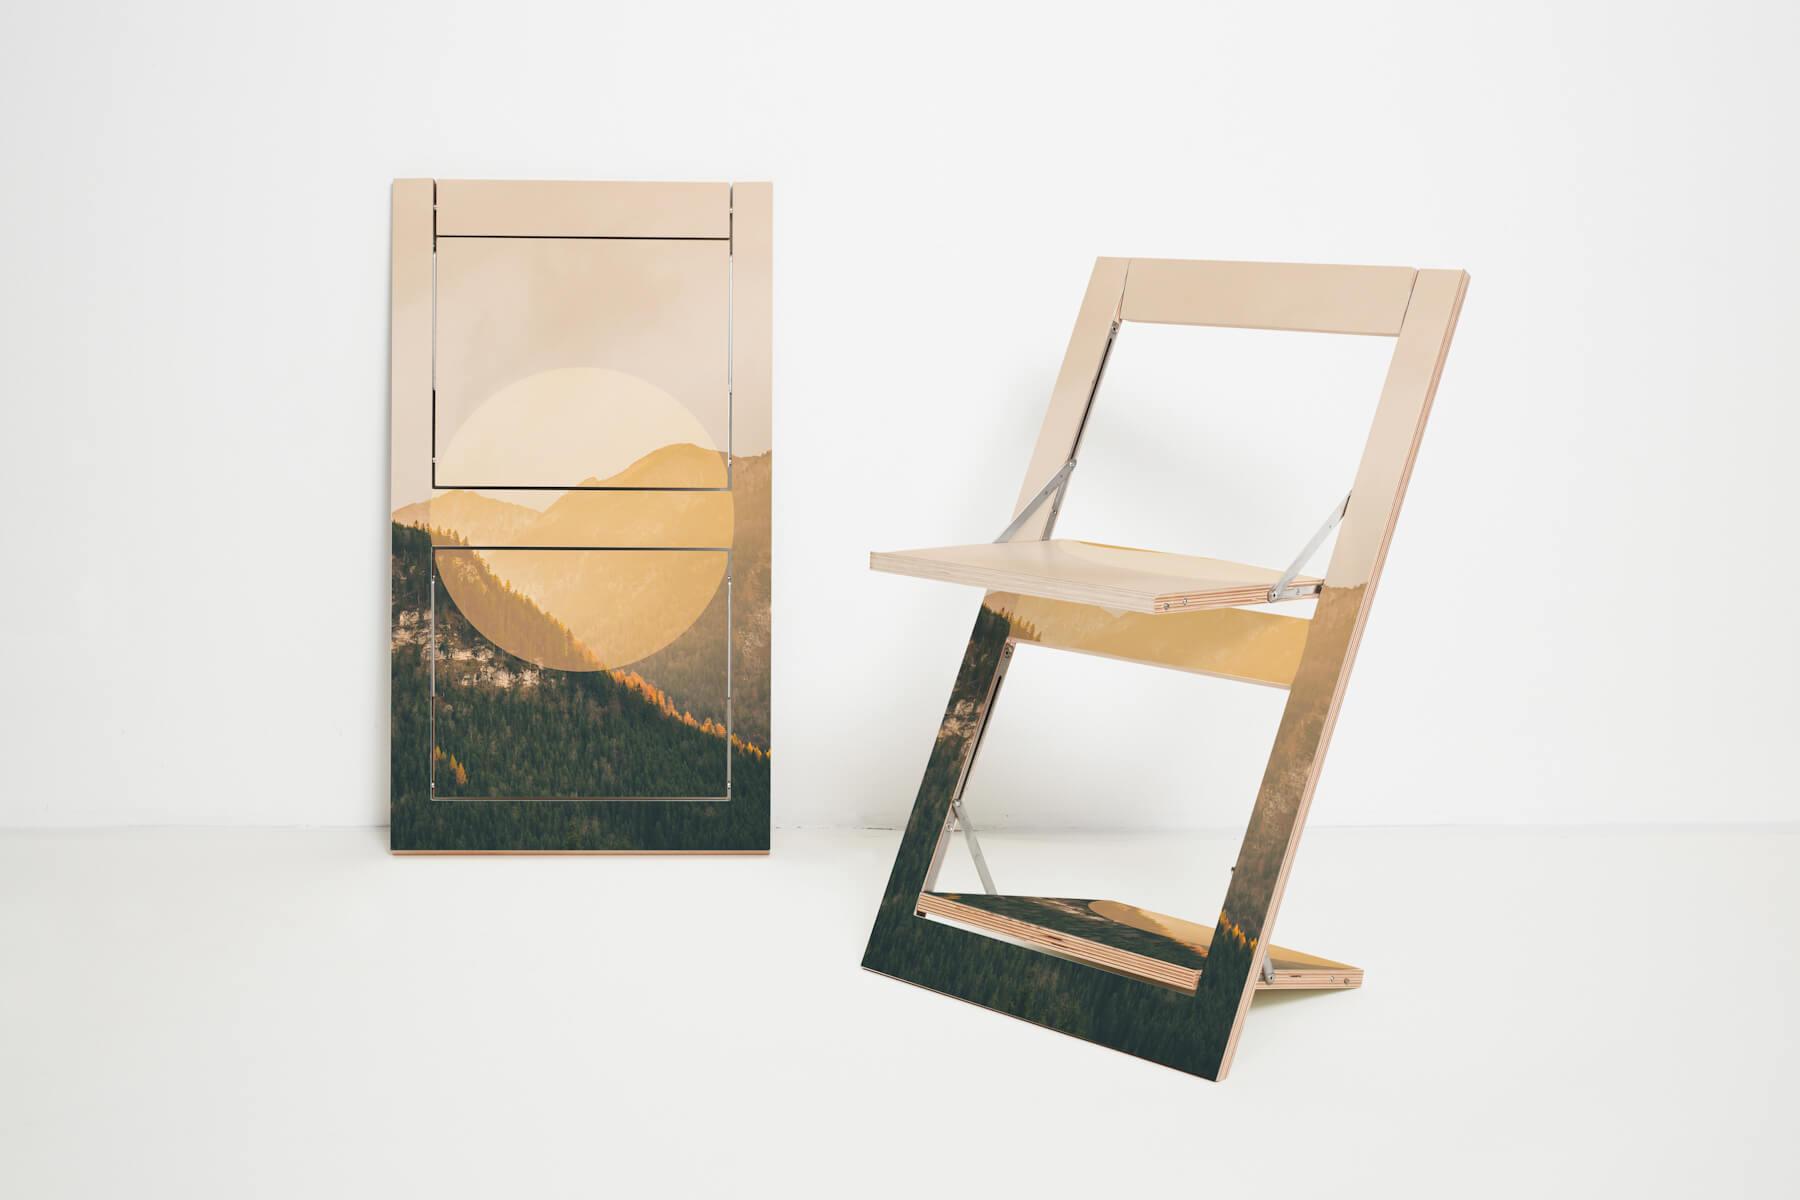 Flapps Folding Chair Alps Joe Mania